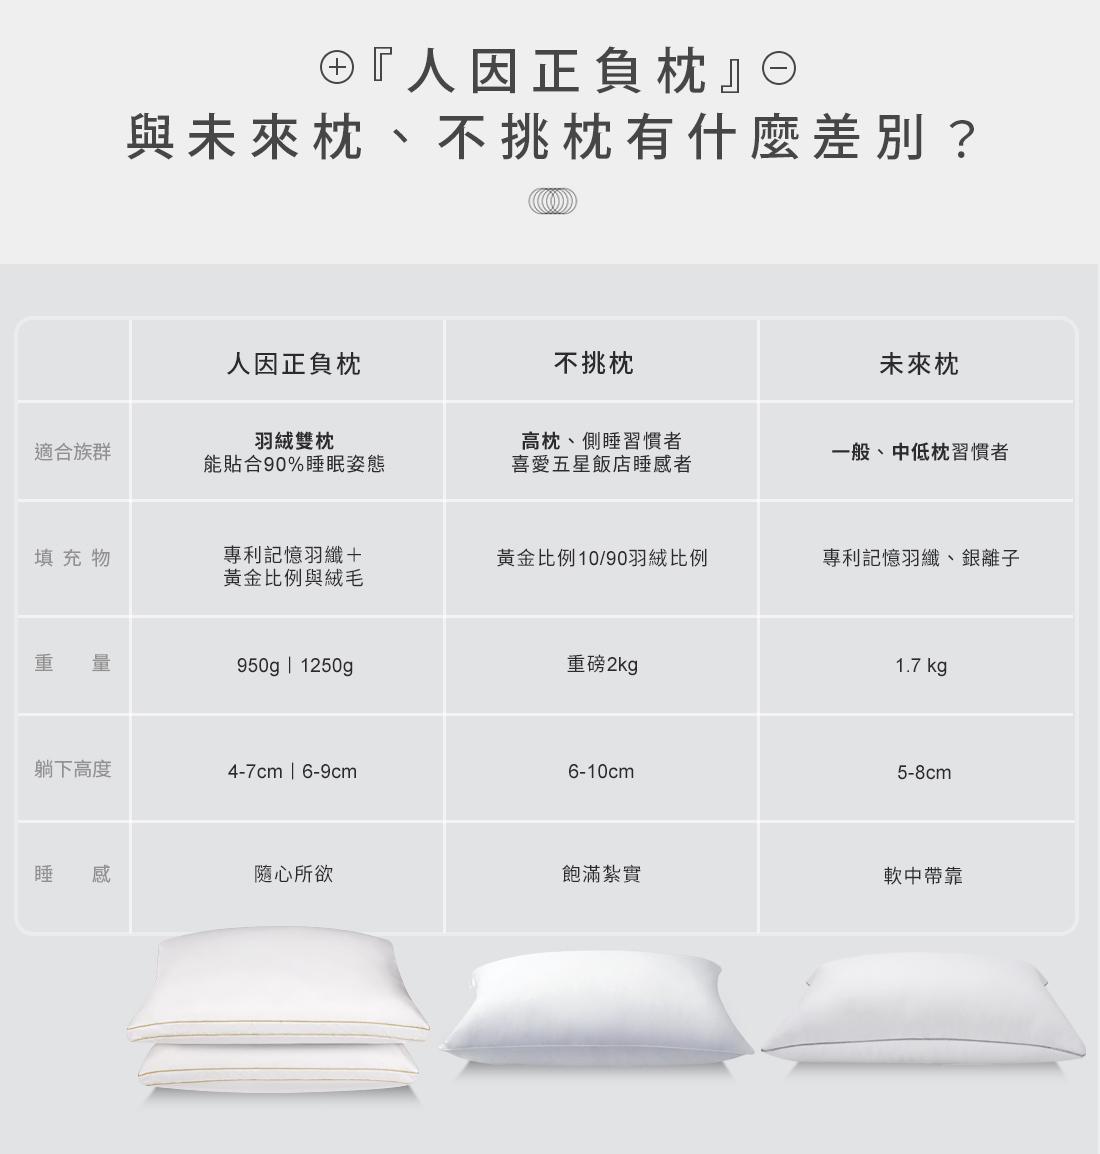 人因正負枕、未來枕、不挑枕差異比較表